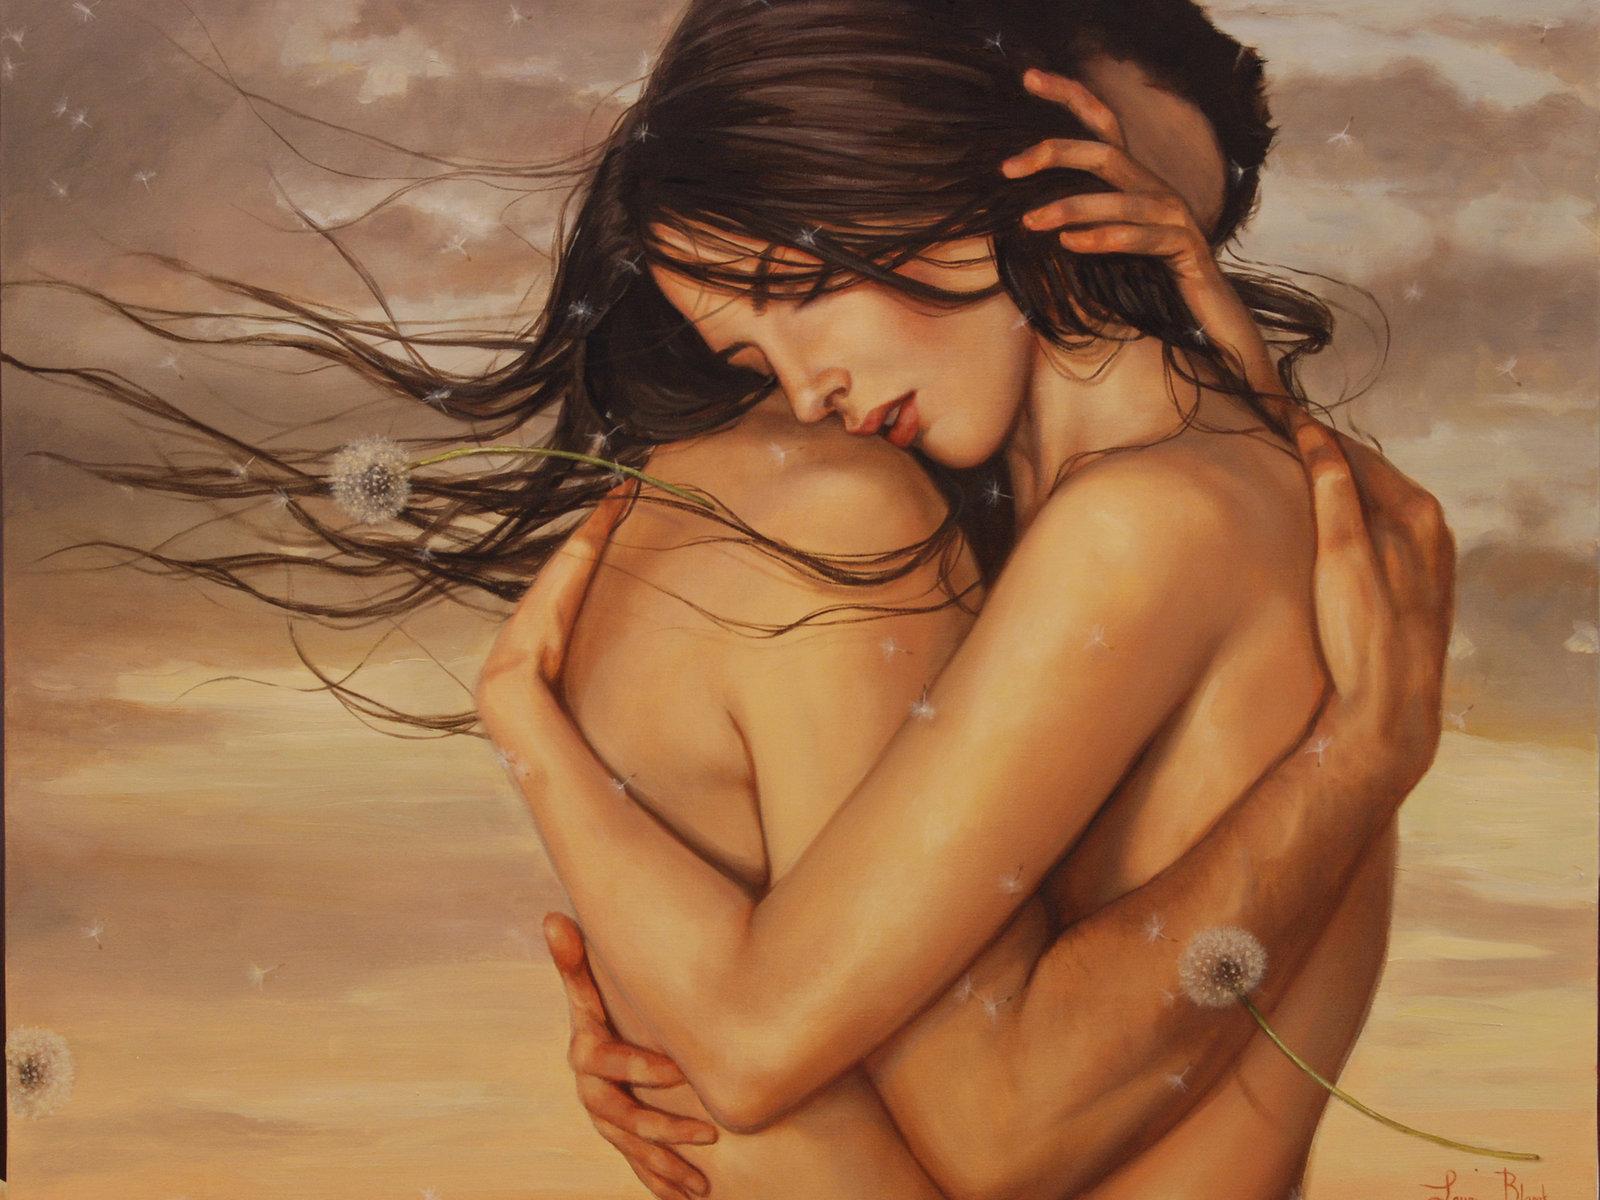 Хочу видеть голым красивых девочек 12 фотография